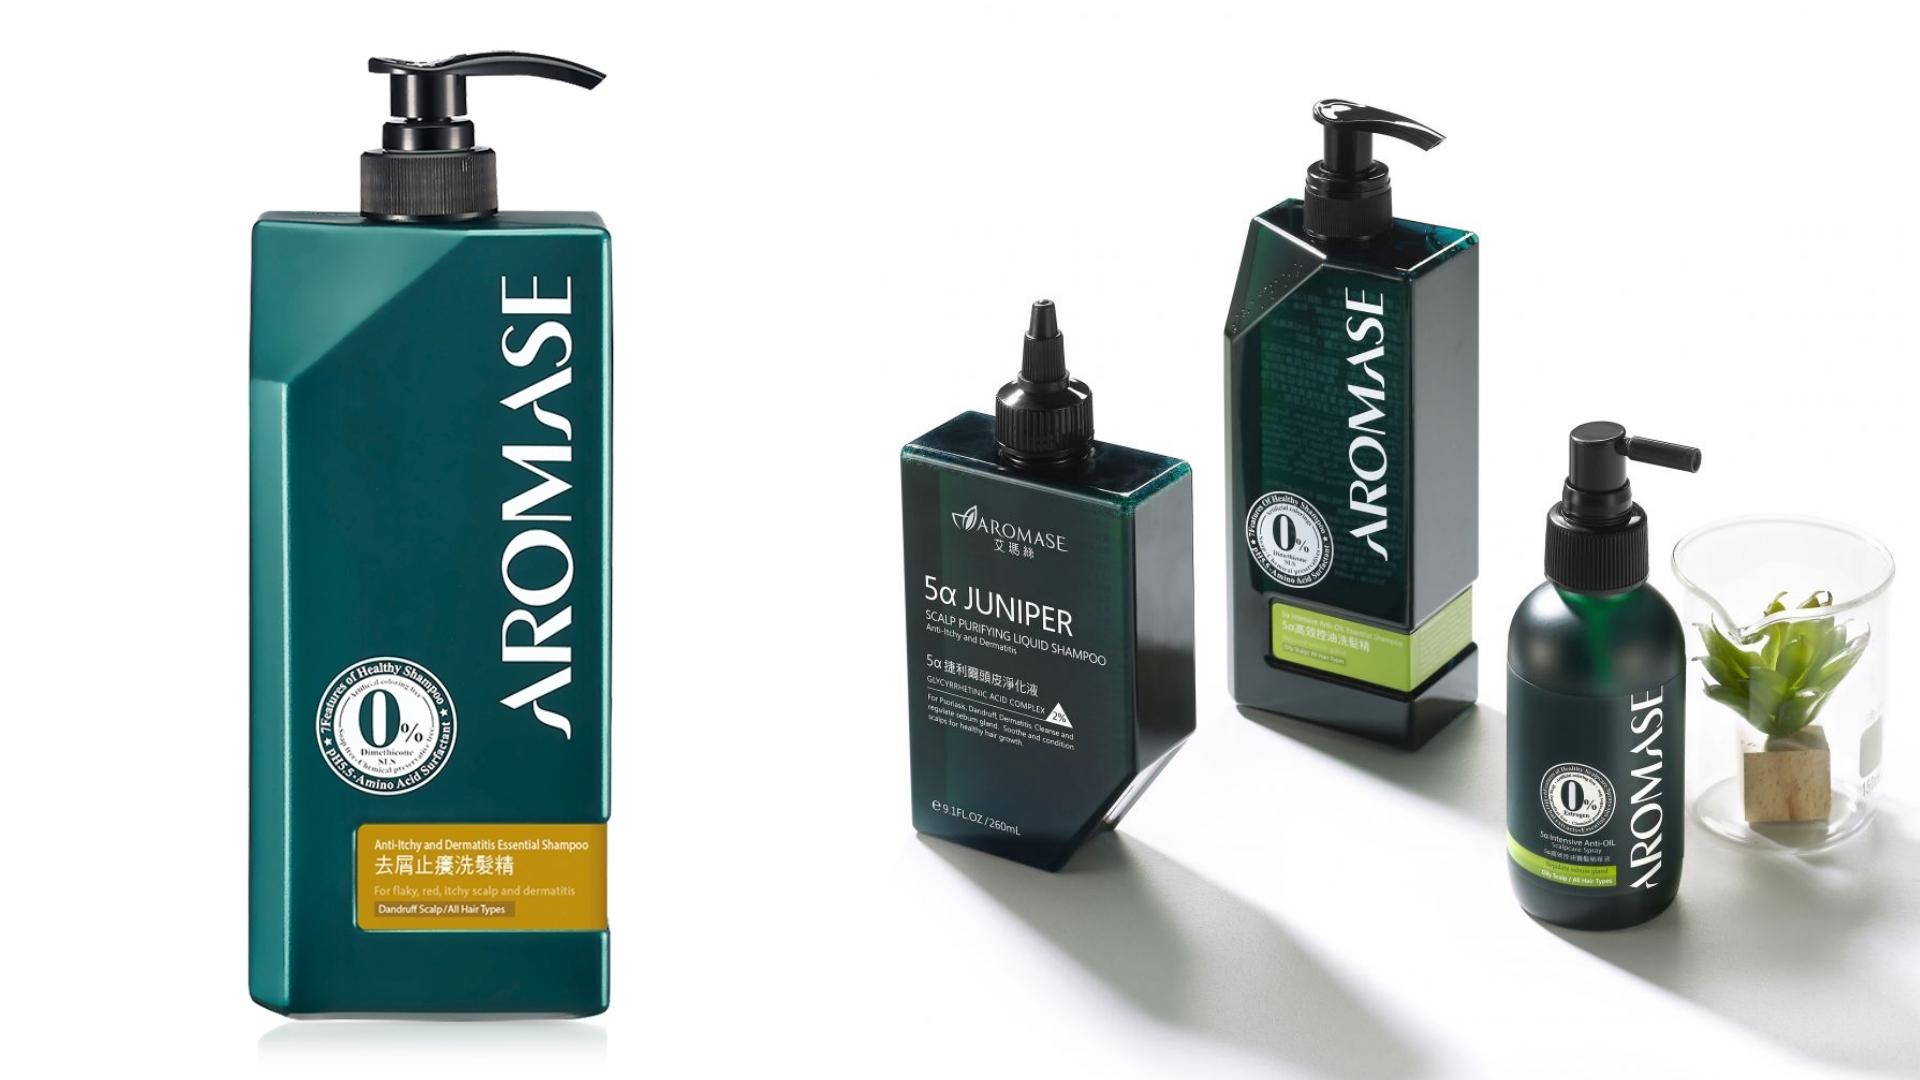 都是天然植萃成分,天天使用可以幫助改善頭皮環境,其中這瓶頭皮洗髮精更可以改善頭皮癢、毛孔阻塞等情形